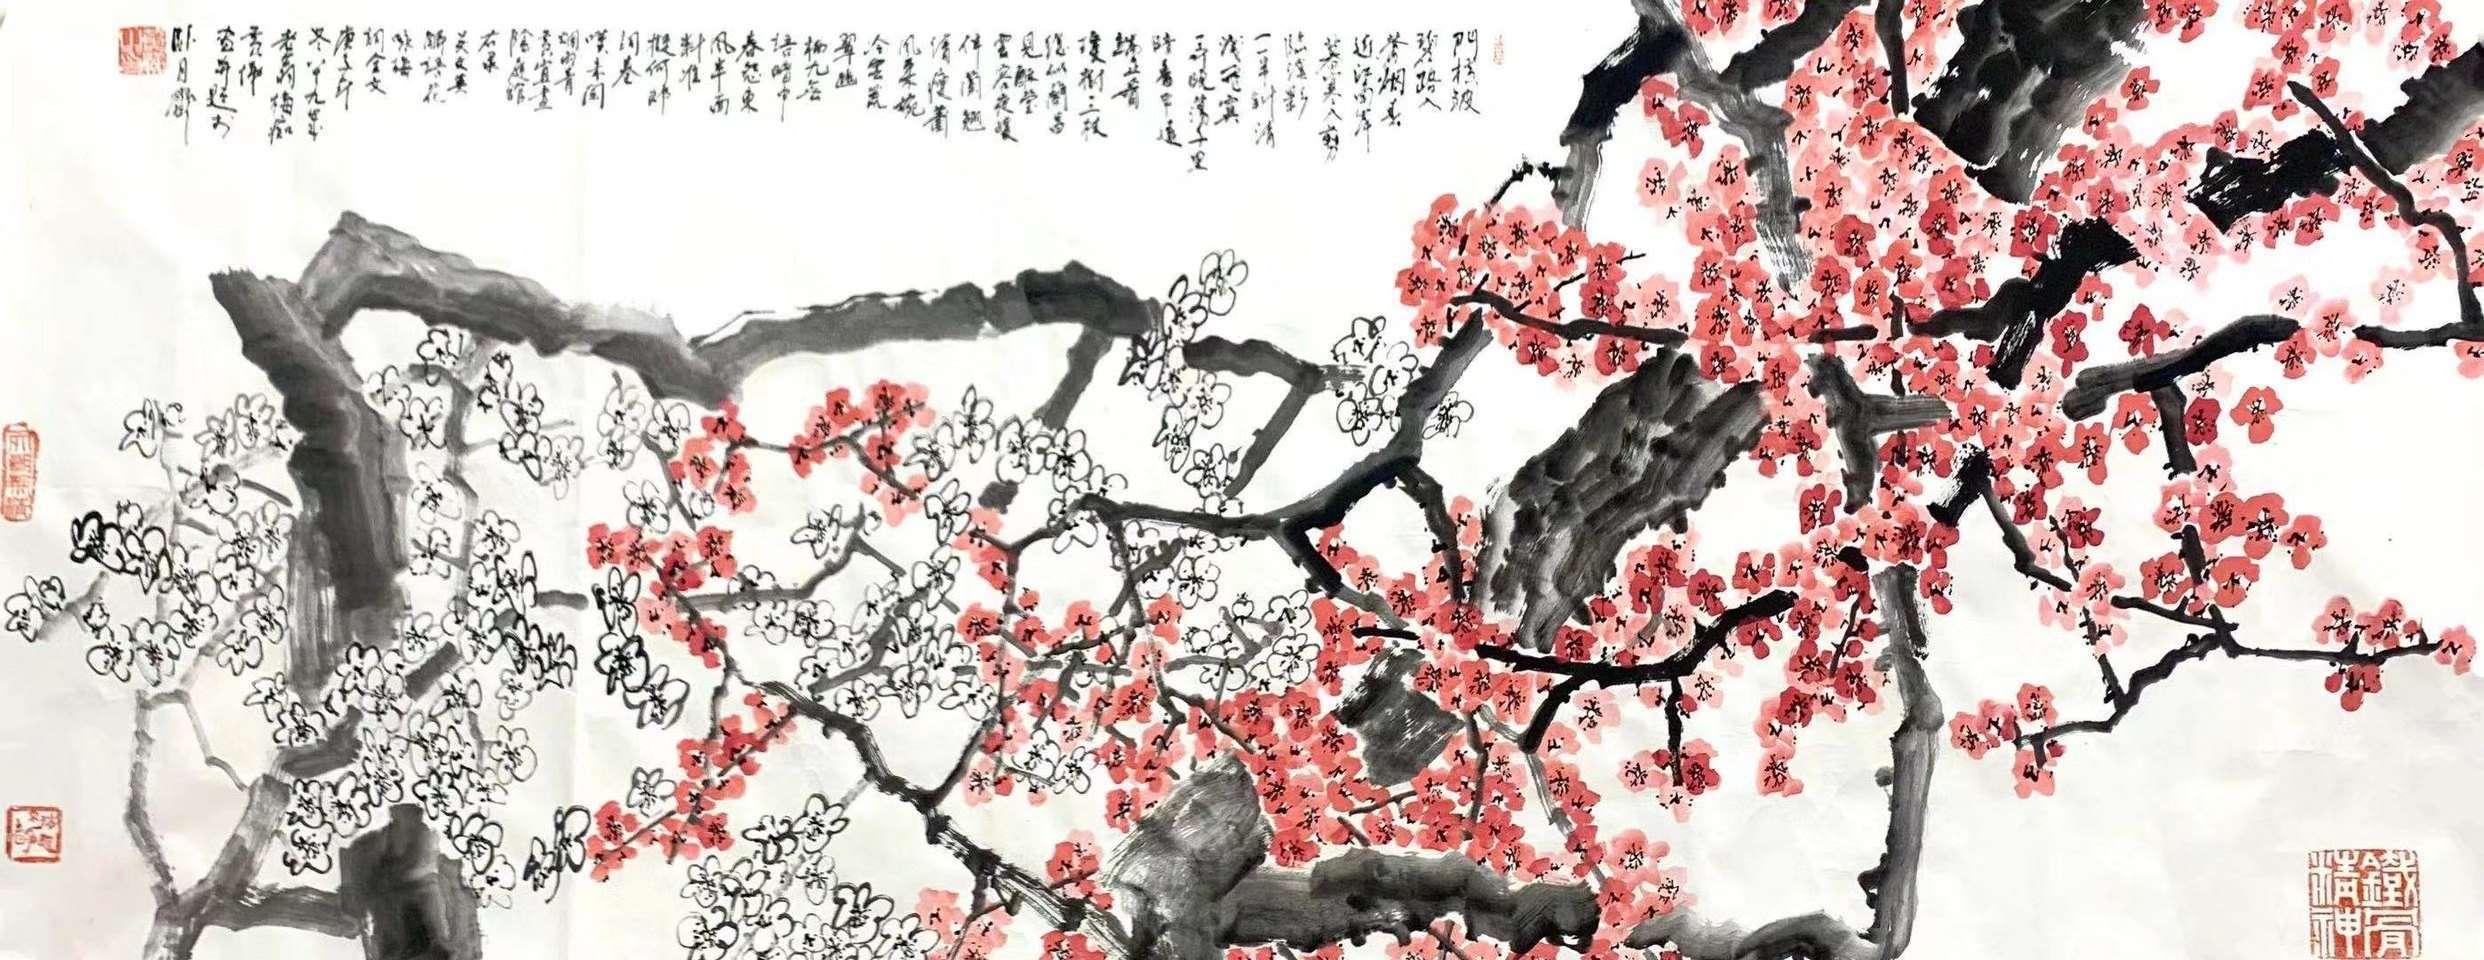 李苦禅大师弟子——90岁黄悌老师作品欣赏